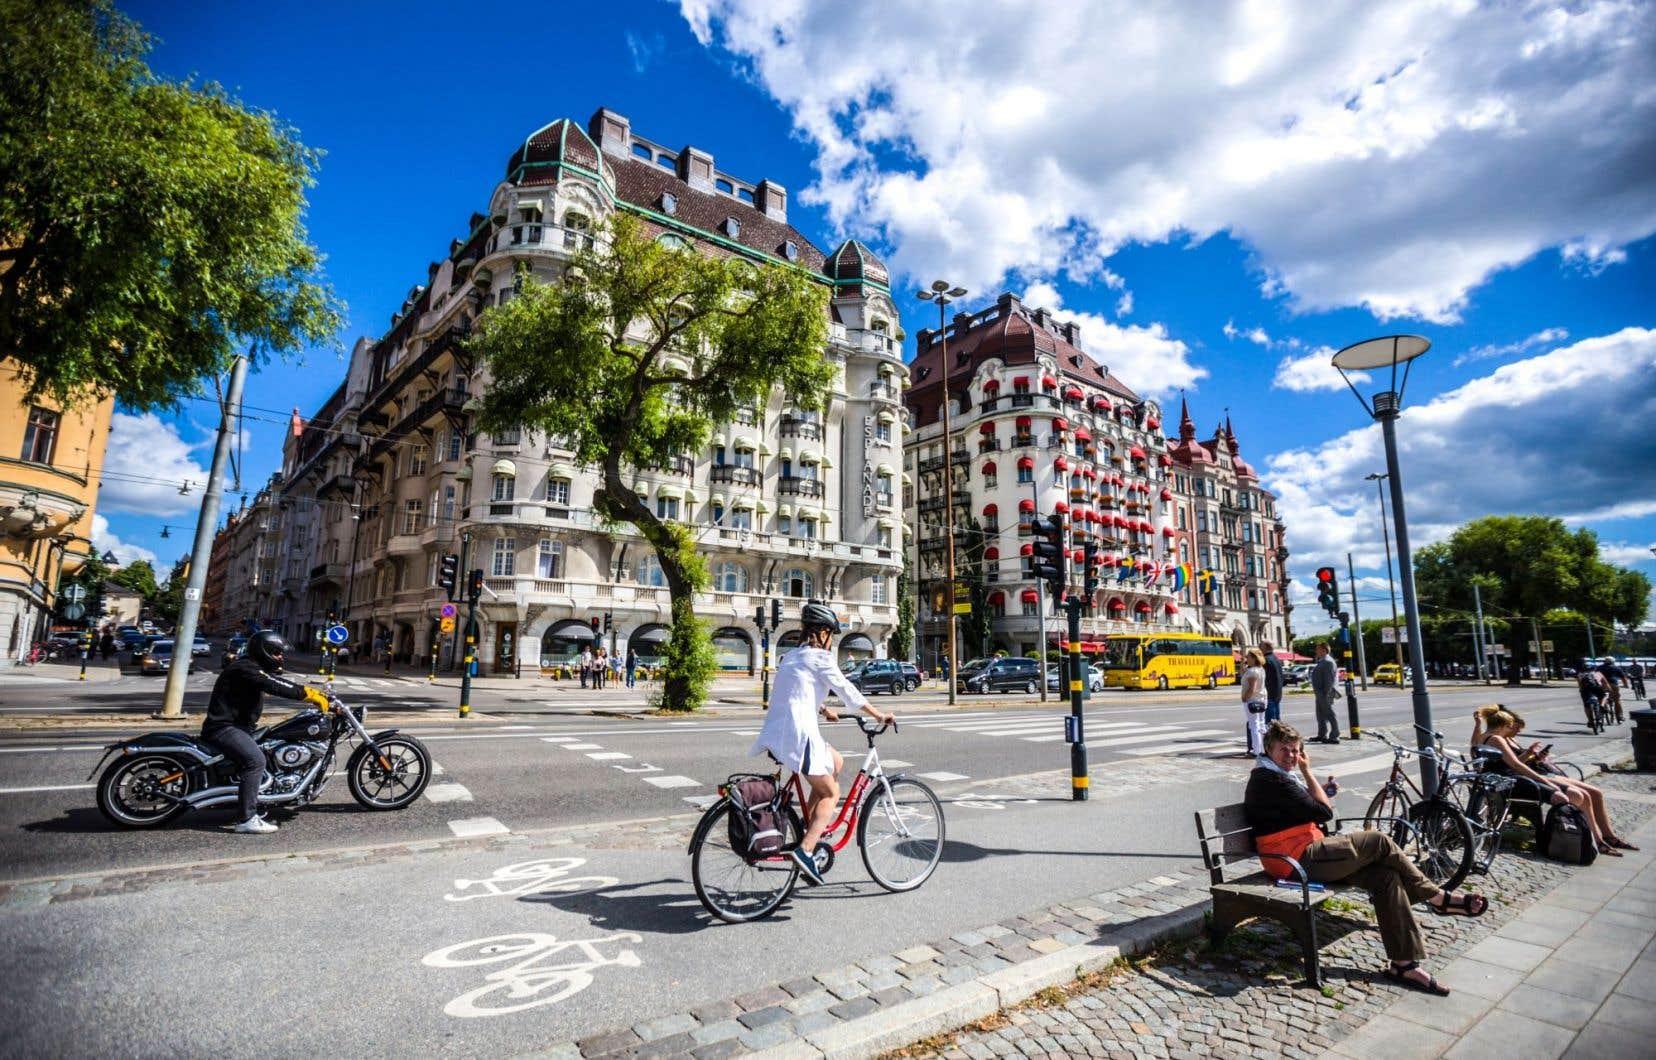 Scène de vie à Stockholm. La Suède s'en tire plutôt bien au chapitre des inégalités de revenus et du taux de pauvreté, écrit l'auteur.